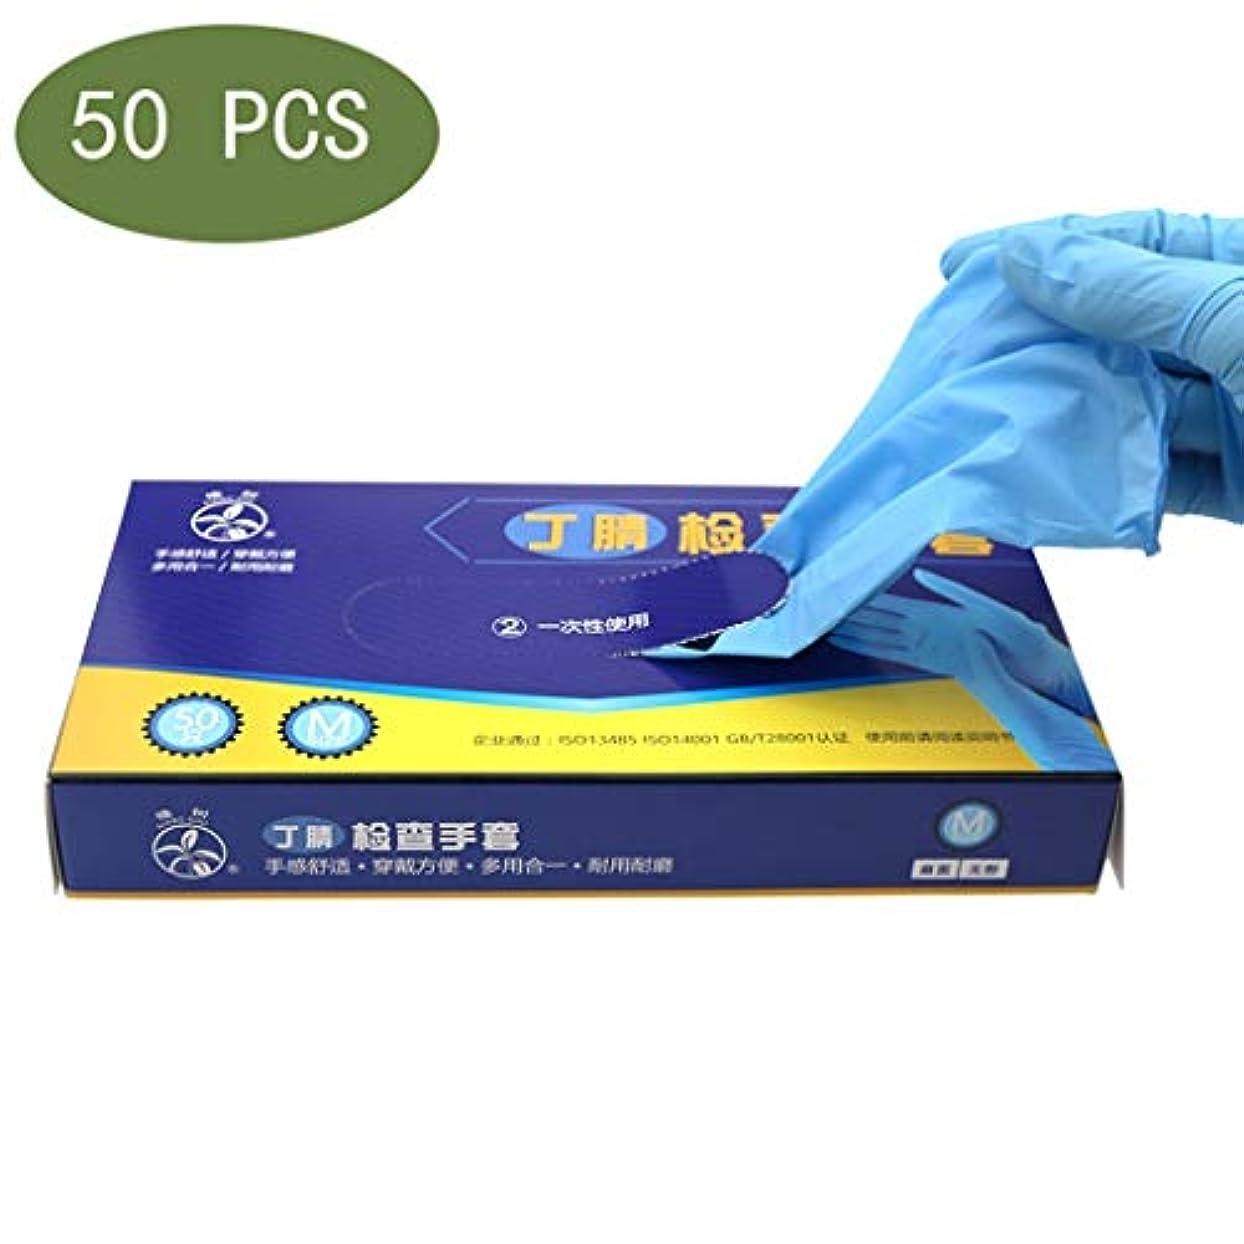 ここに上にトランペット保護用使い捨てニトリル医療用手袋、4ミル、ラテックスフリー、試験グレードの手袋、テクスチャード加工、両性、非滅菌、50個入り (Size : S)